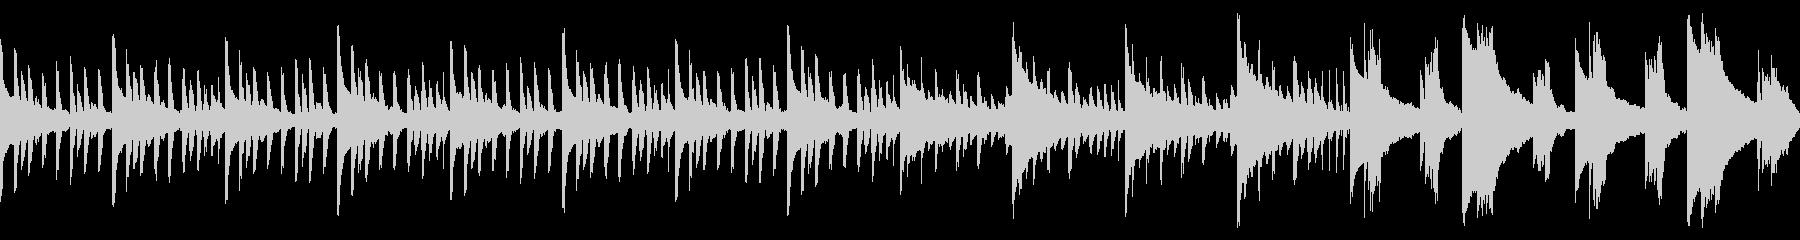 ホラーな怖い雰囲気のBGM(ループ仕様)の未再生の波形